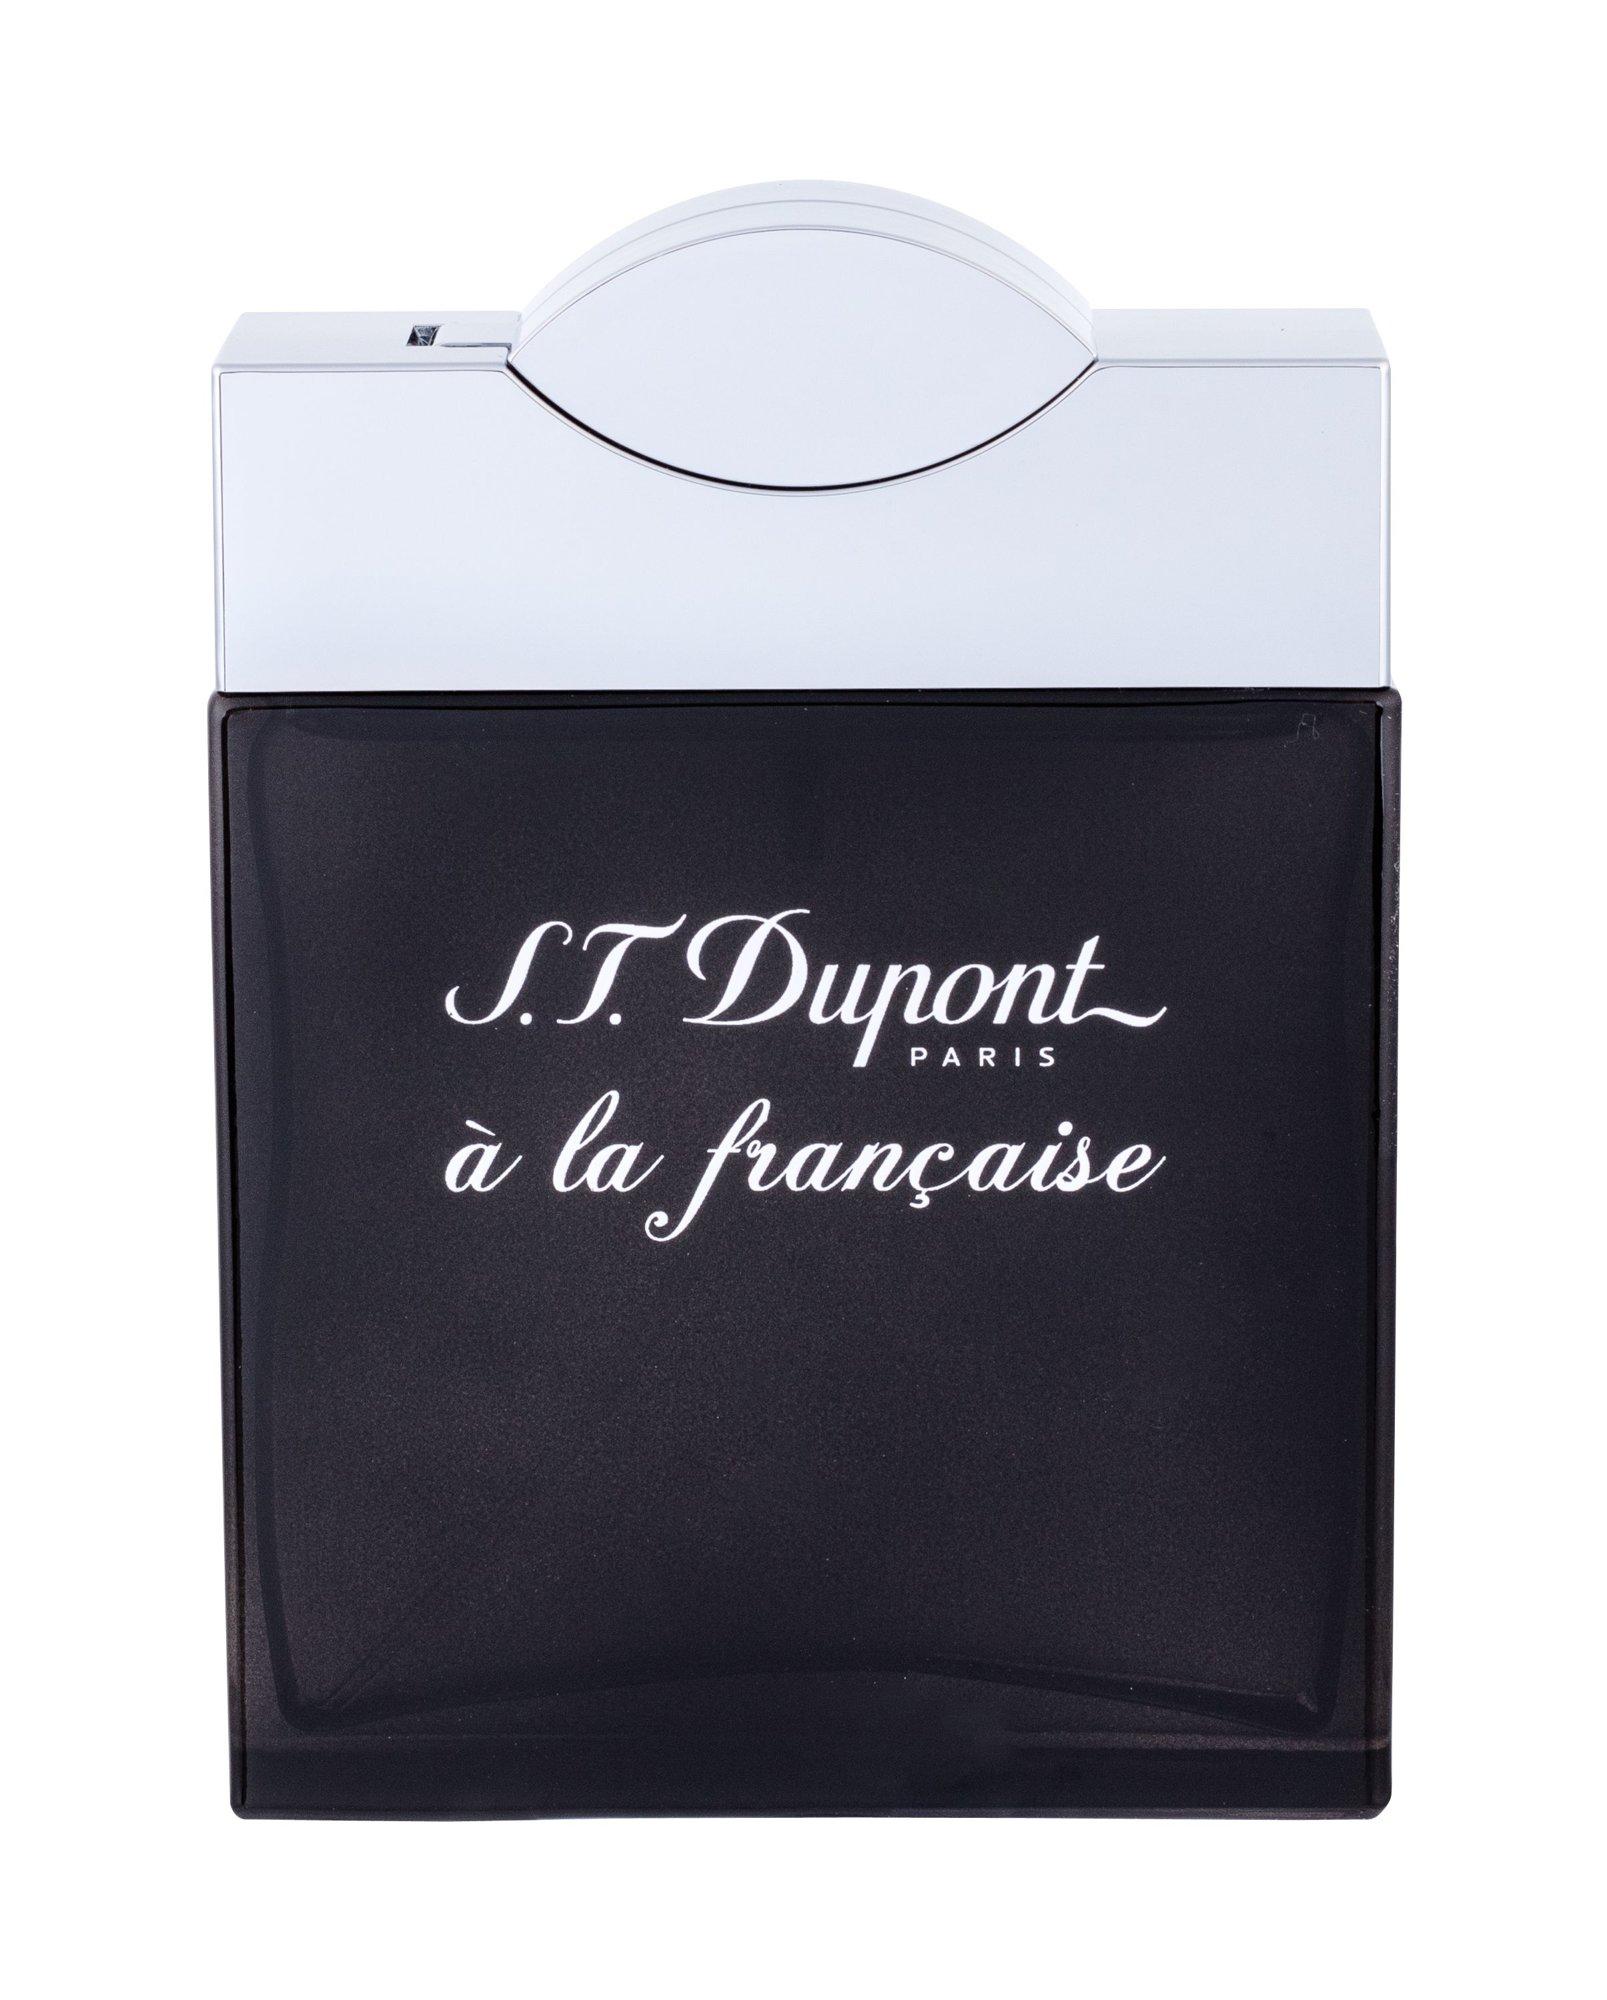 S.T. Dupont A la Francaise EDP 100ml